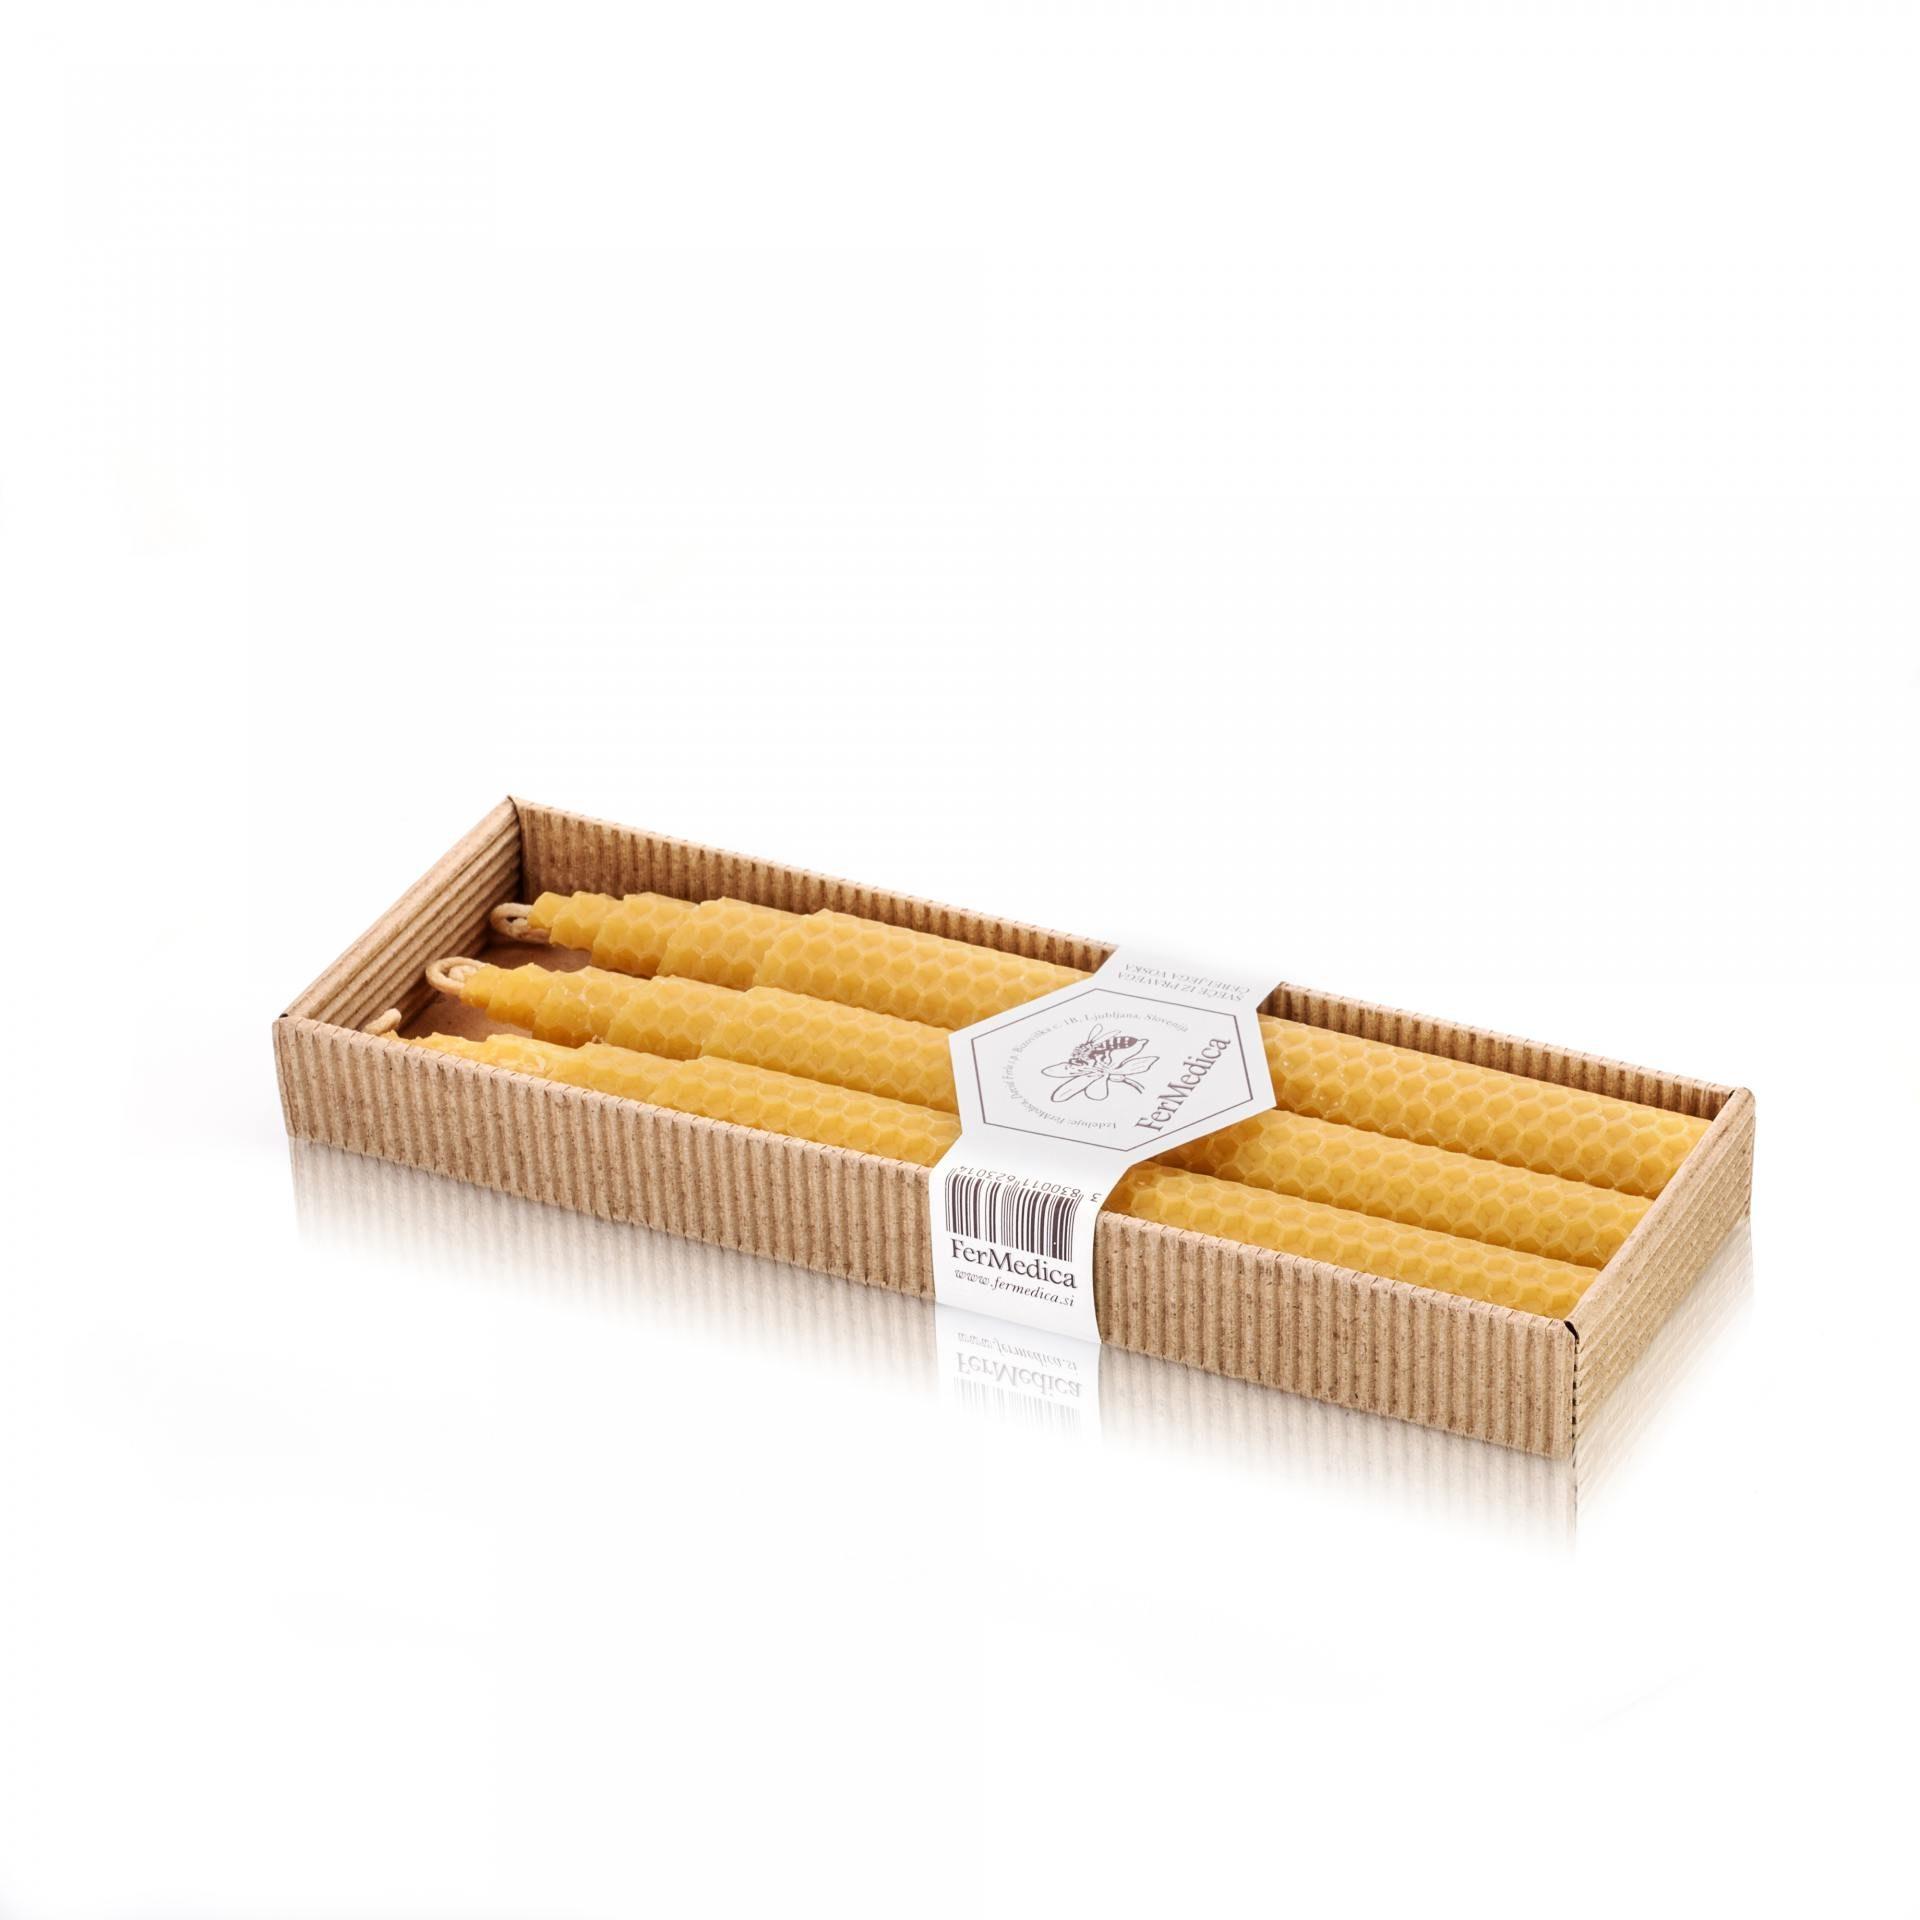 Med in žganje, med z dodatki, darilni seti v lični embalaži fermedica 39